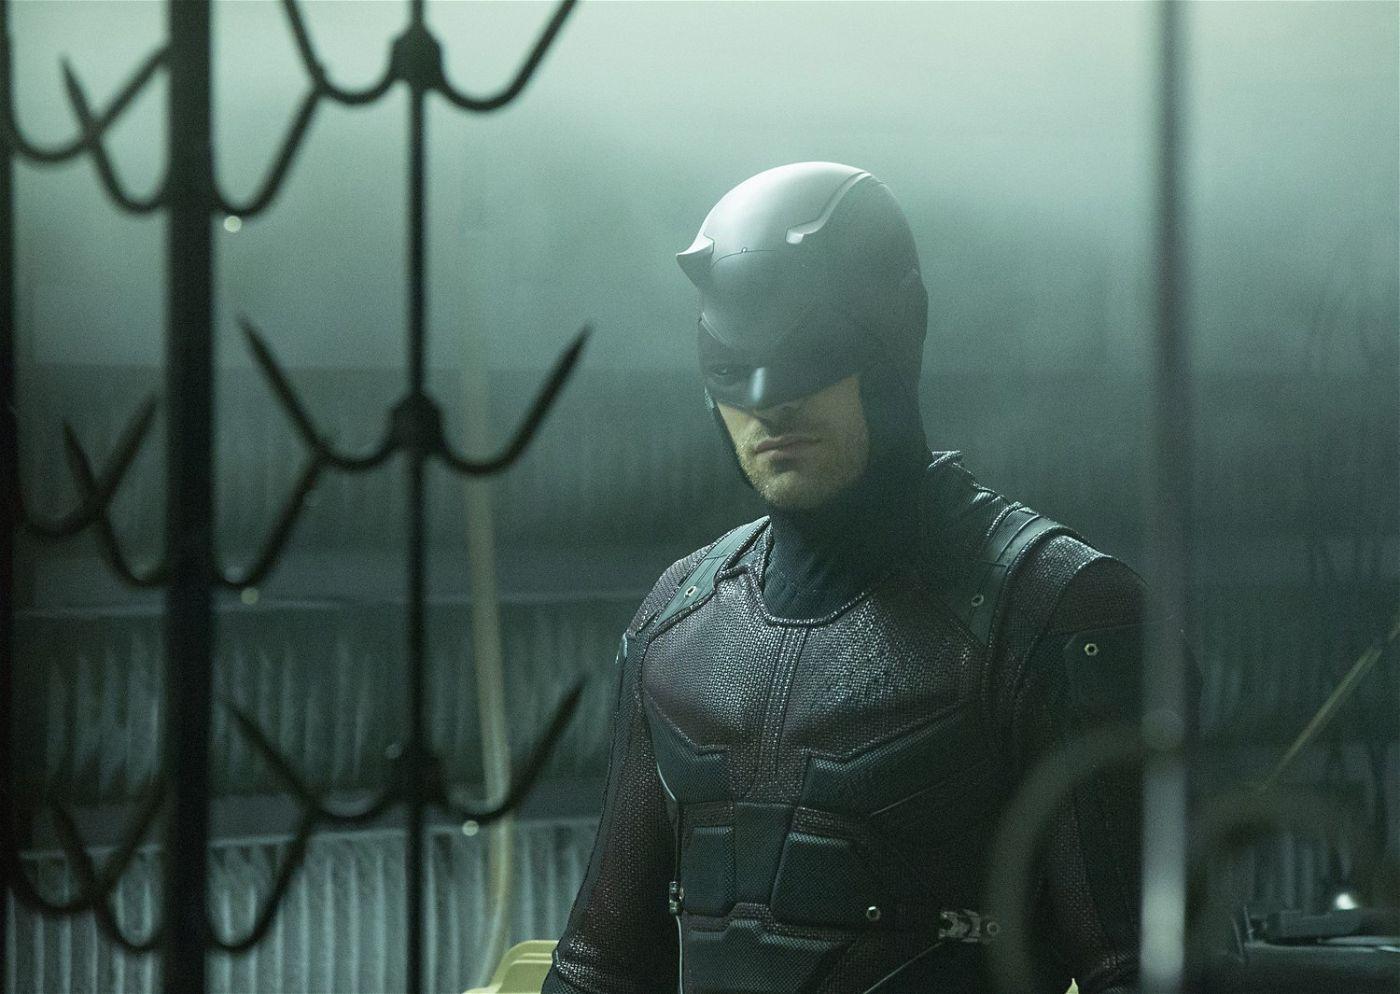 """Staffel 3 von """"Daredevil"""" ist seit Längerem angekündigt und startet möglicherweise Ende 2018 bei Netflix."""